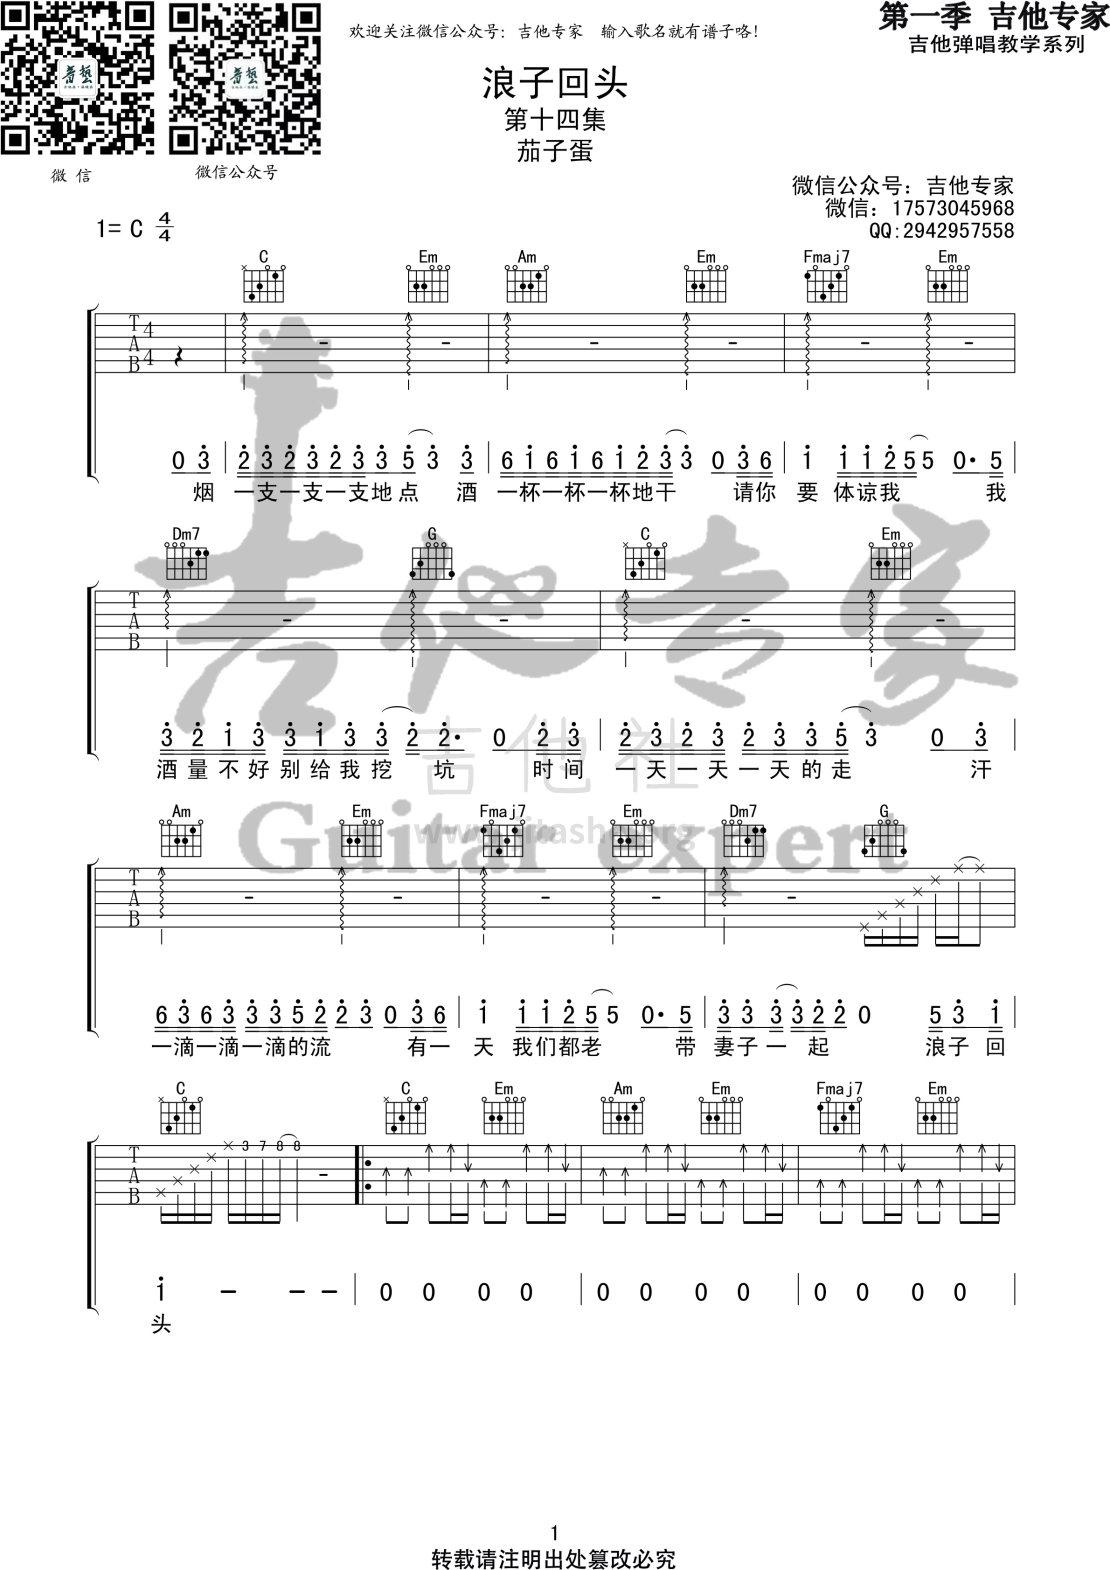 浪子回头(音艺吉他专家弹唱教学:第一季第14集)图片